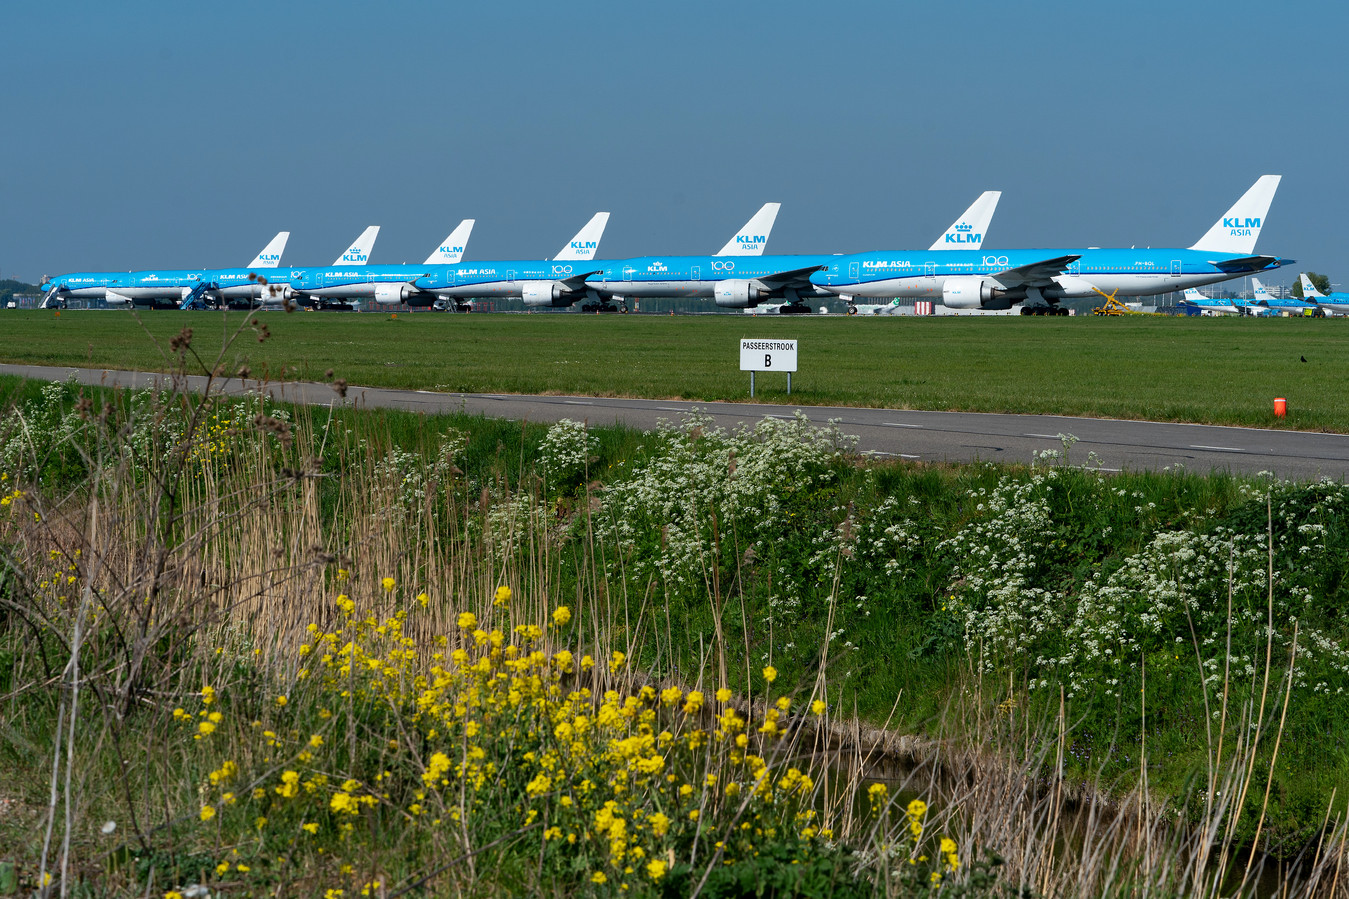 KLM toestellen staan geparkeerd op de landingsbaan.